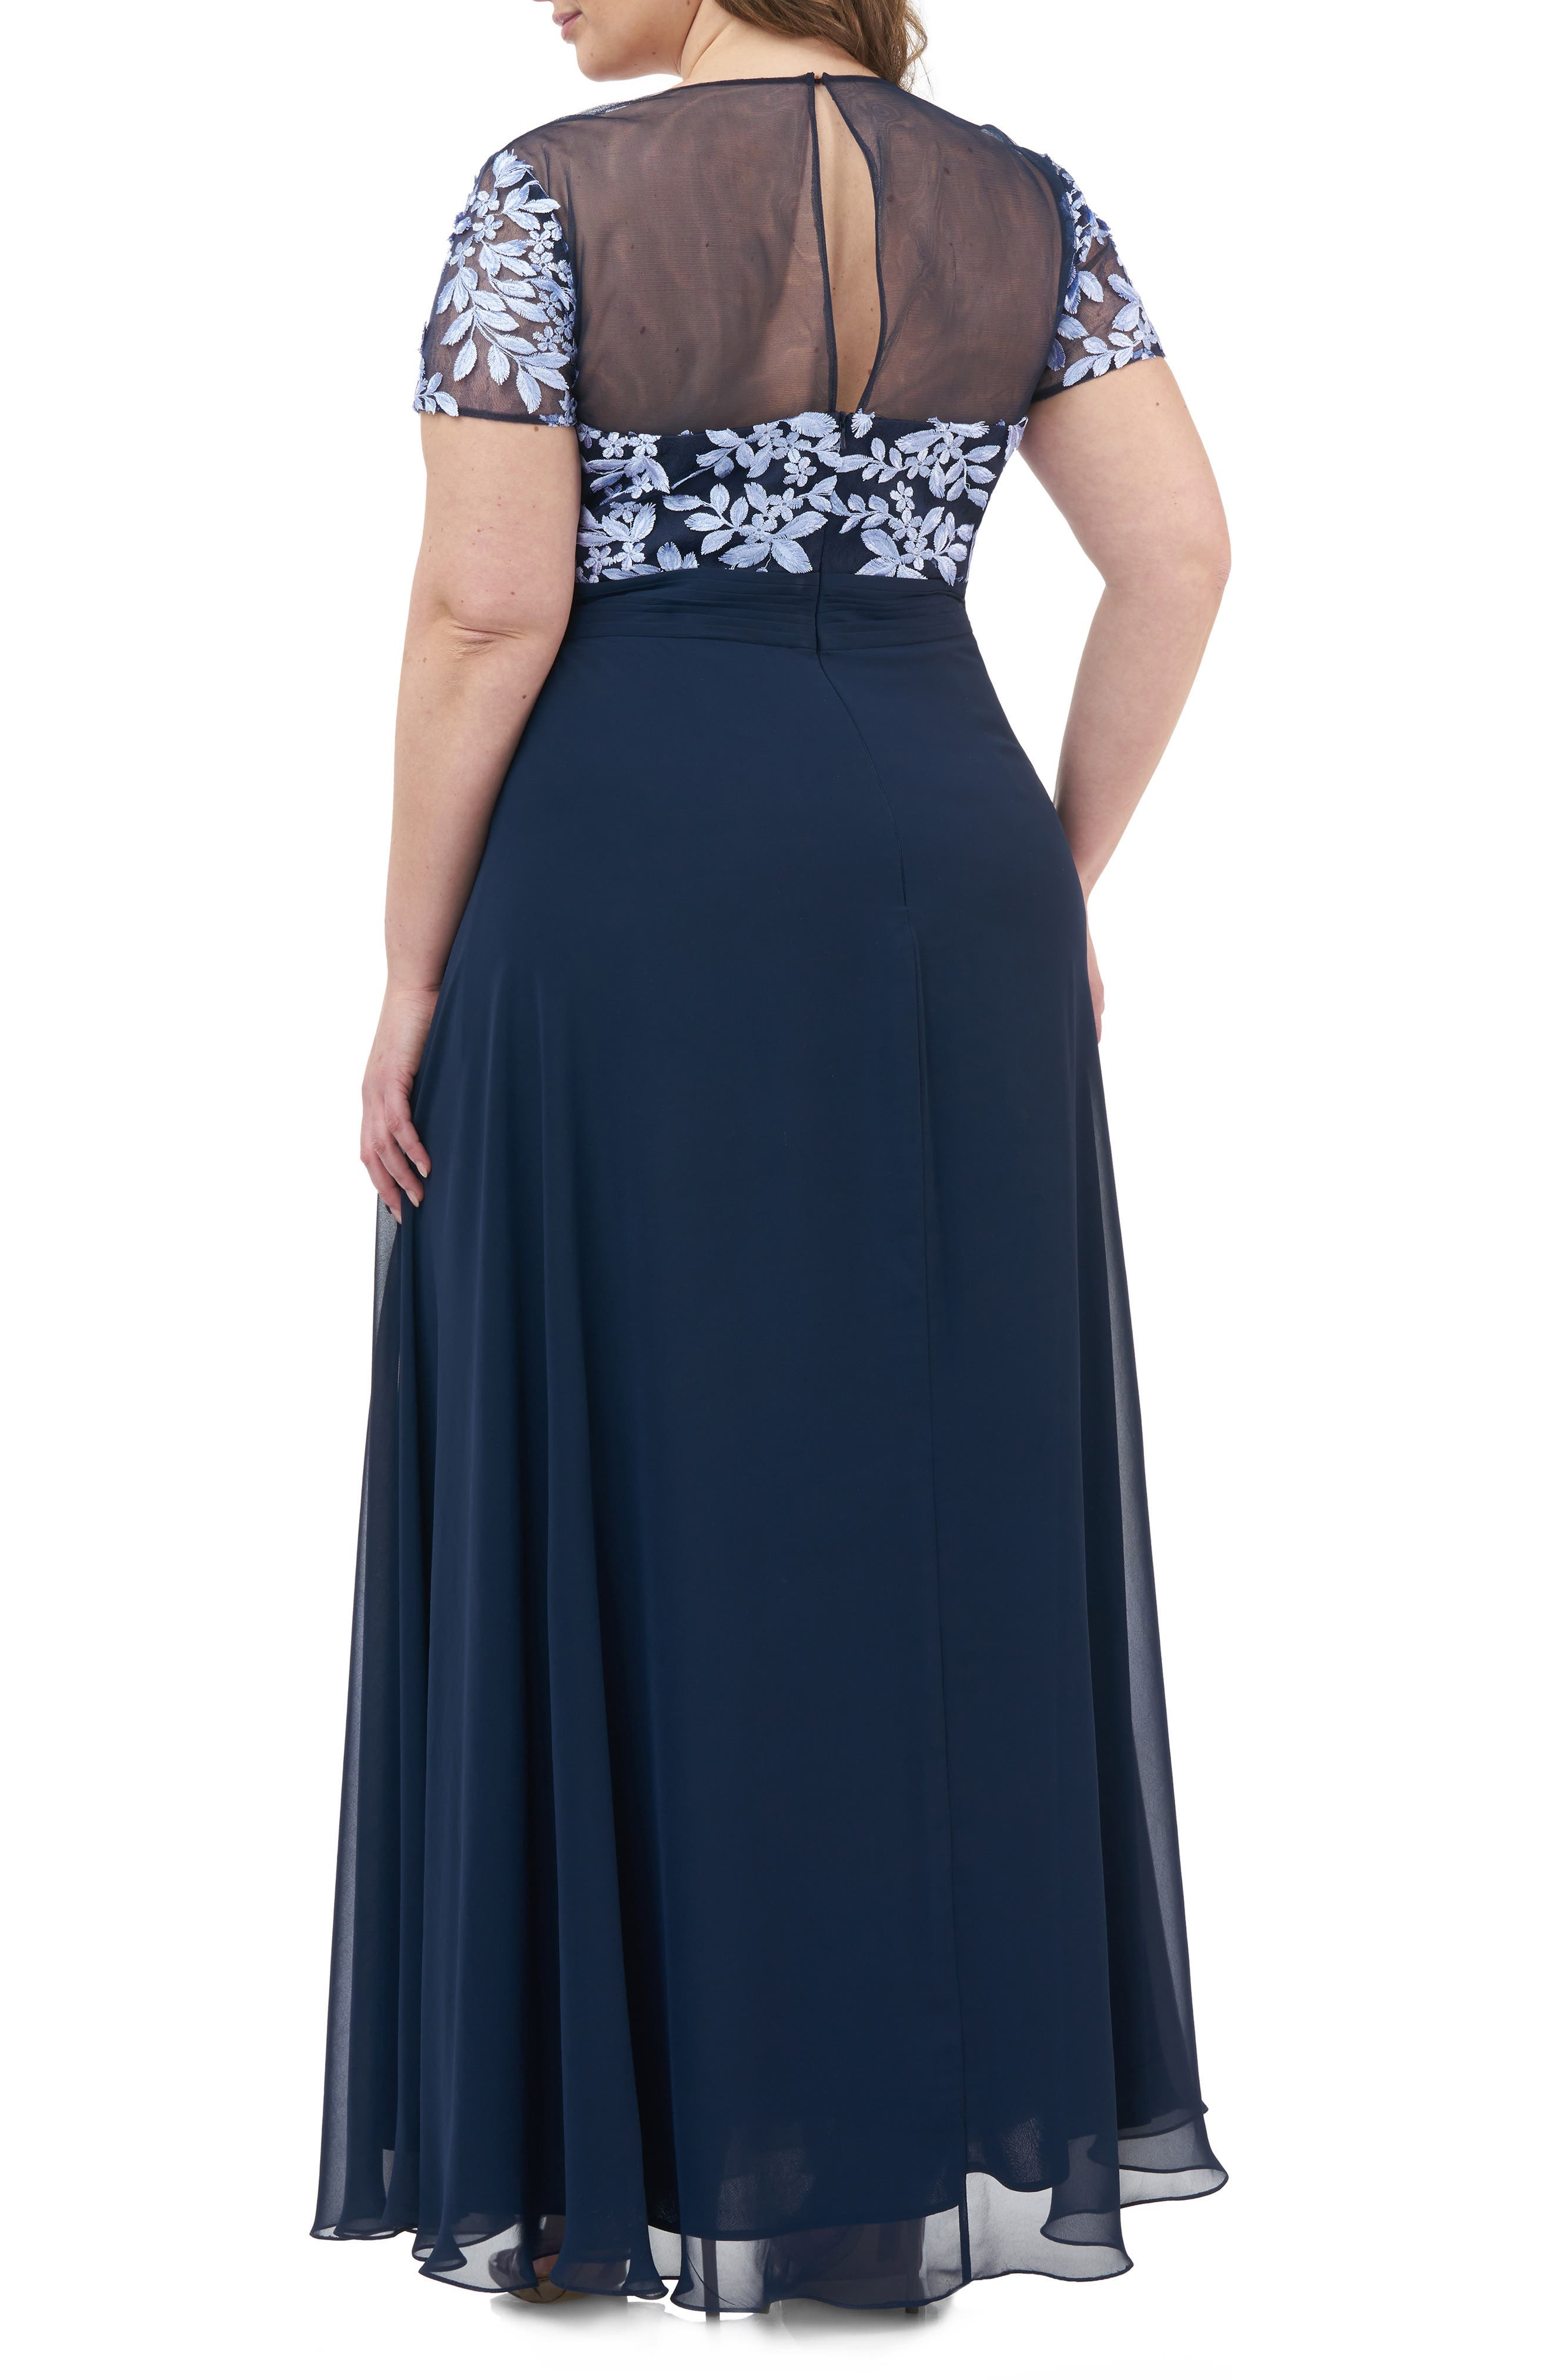 6d7030d043af0 Plus-Size Dresses   Nordstrom